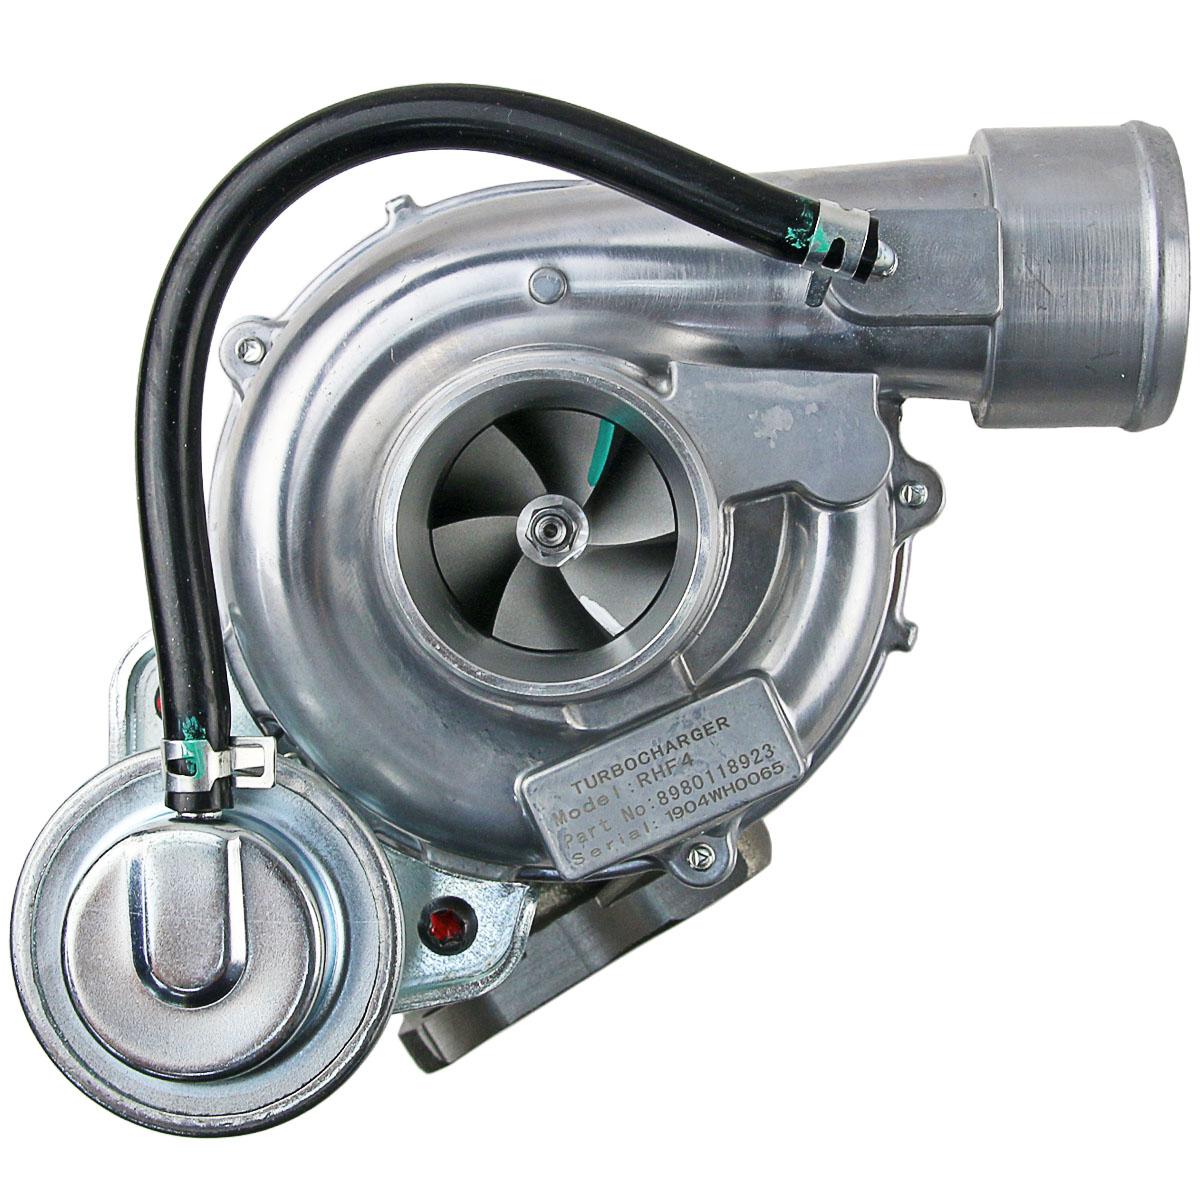 Turbo Turbocharger For D-Max Pickup 3.0L 4JJ1-TCS Diesel 2004-2011 RHF4